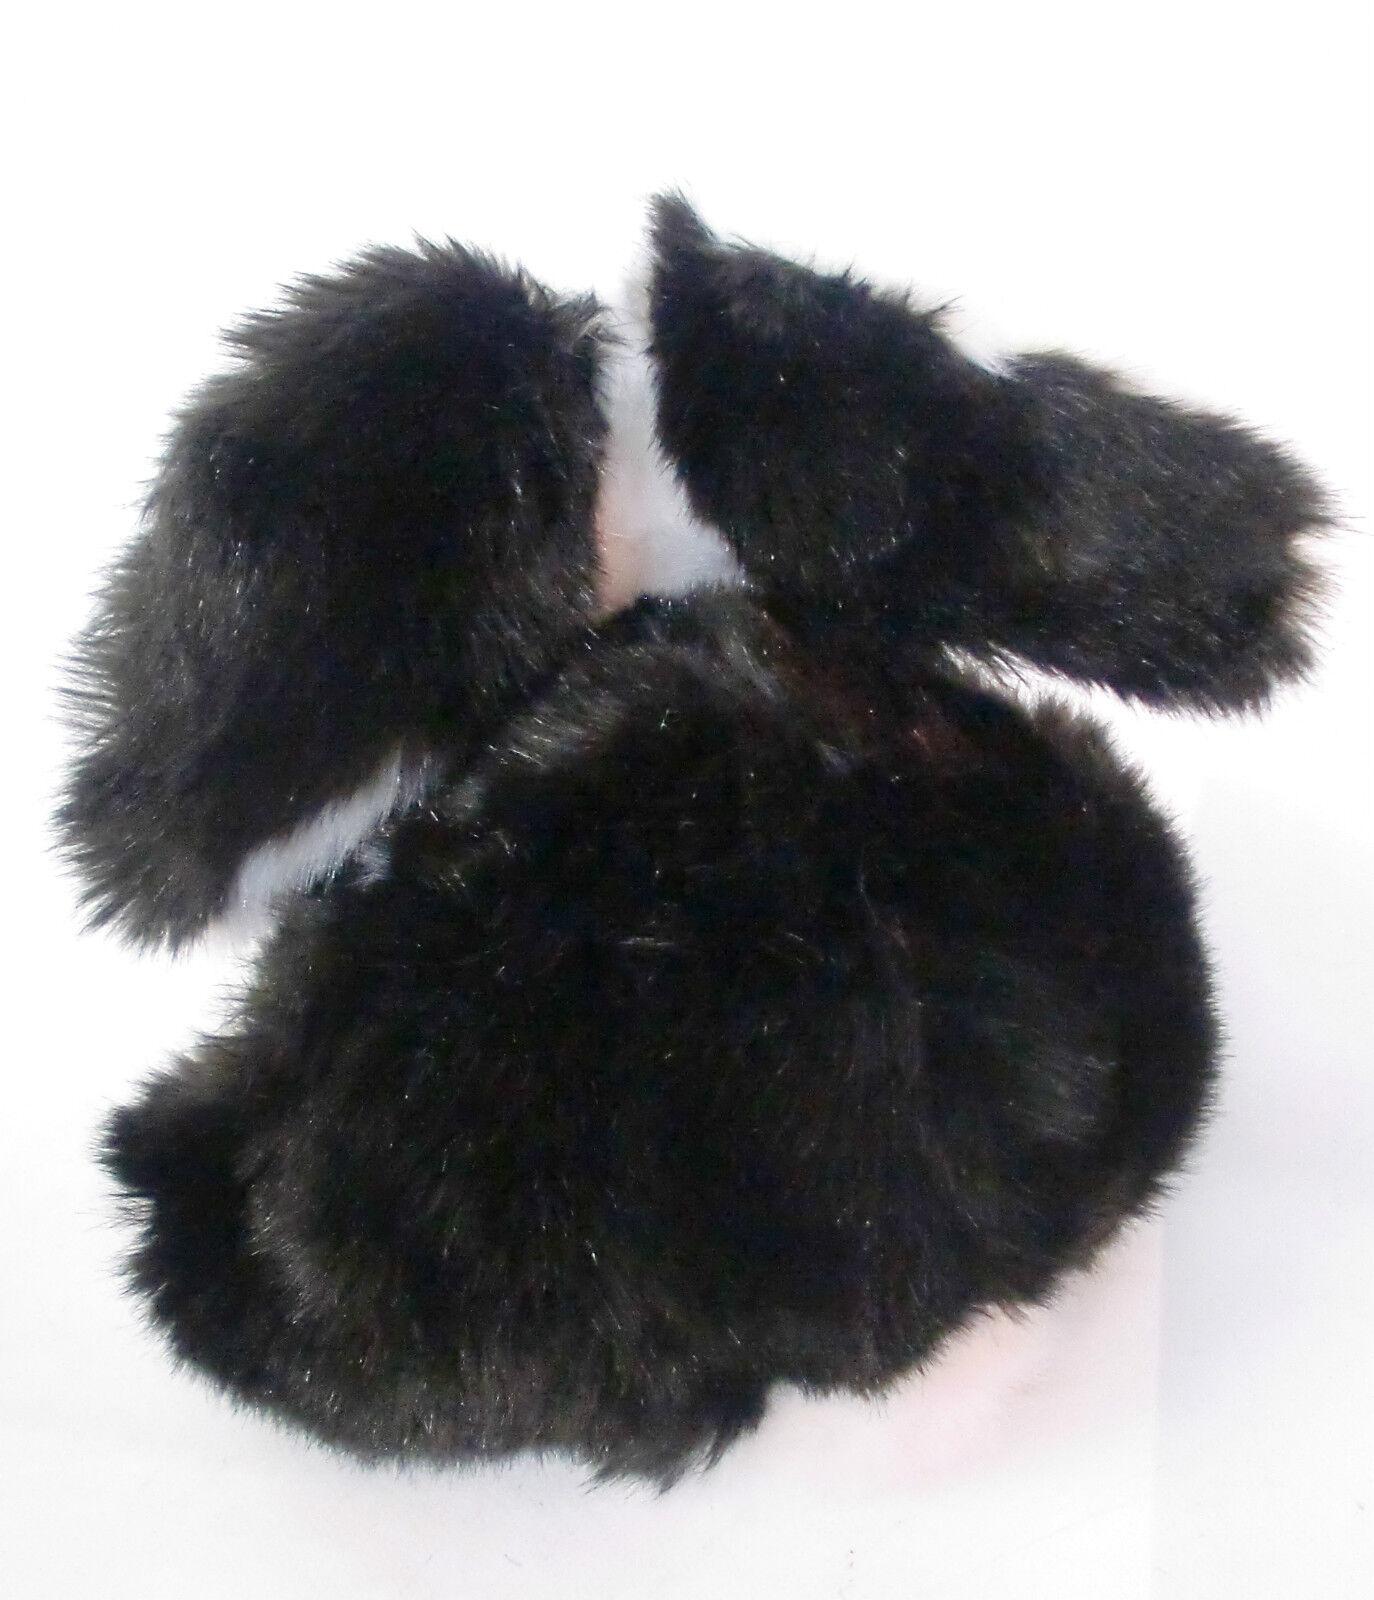 Sigikid Hase Kaninchen Stofftier 30 cm cm cm Kuscheltier weich Geschenk süss Plüsch f31c5e